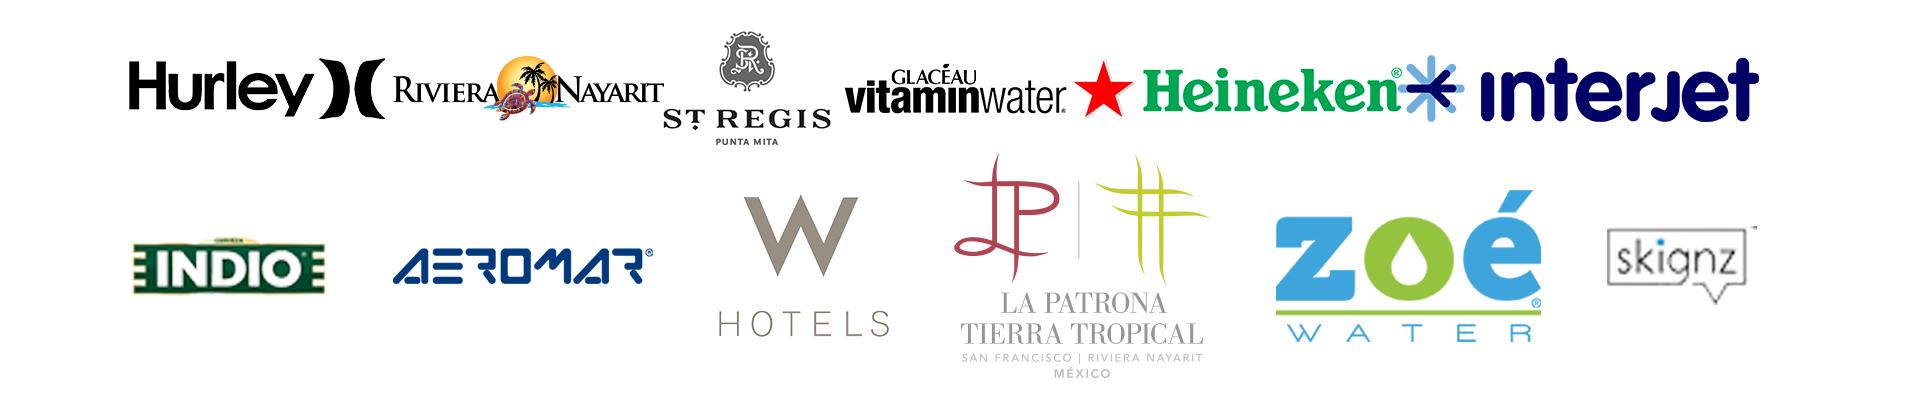 Solo algunas de las marcas con las que hemos trabajado.